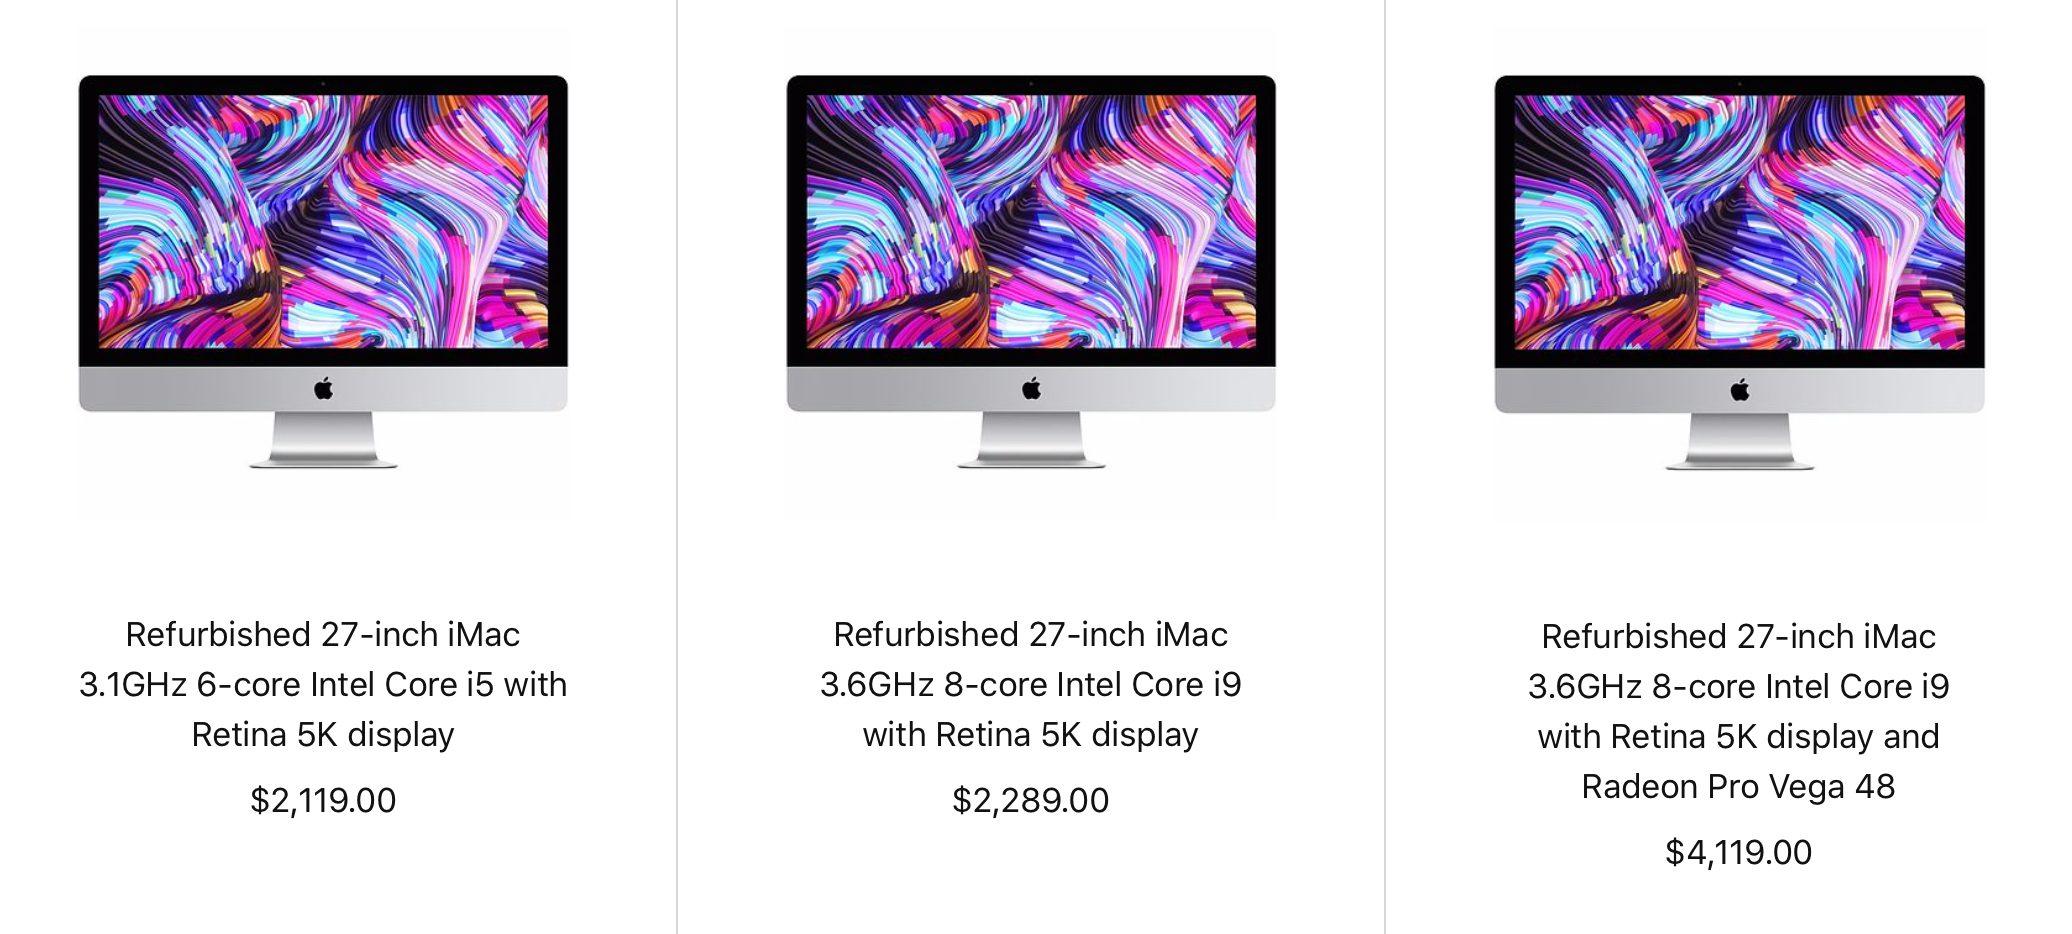 Refurbished 2019 iMac Pricing